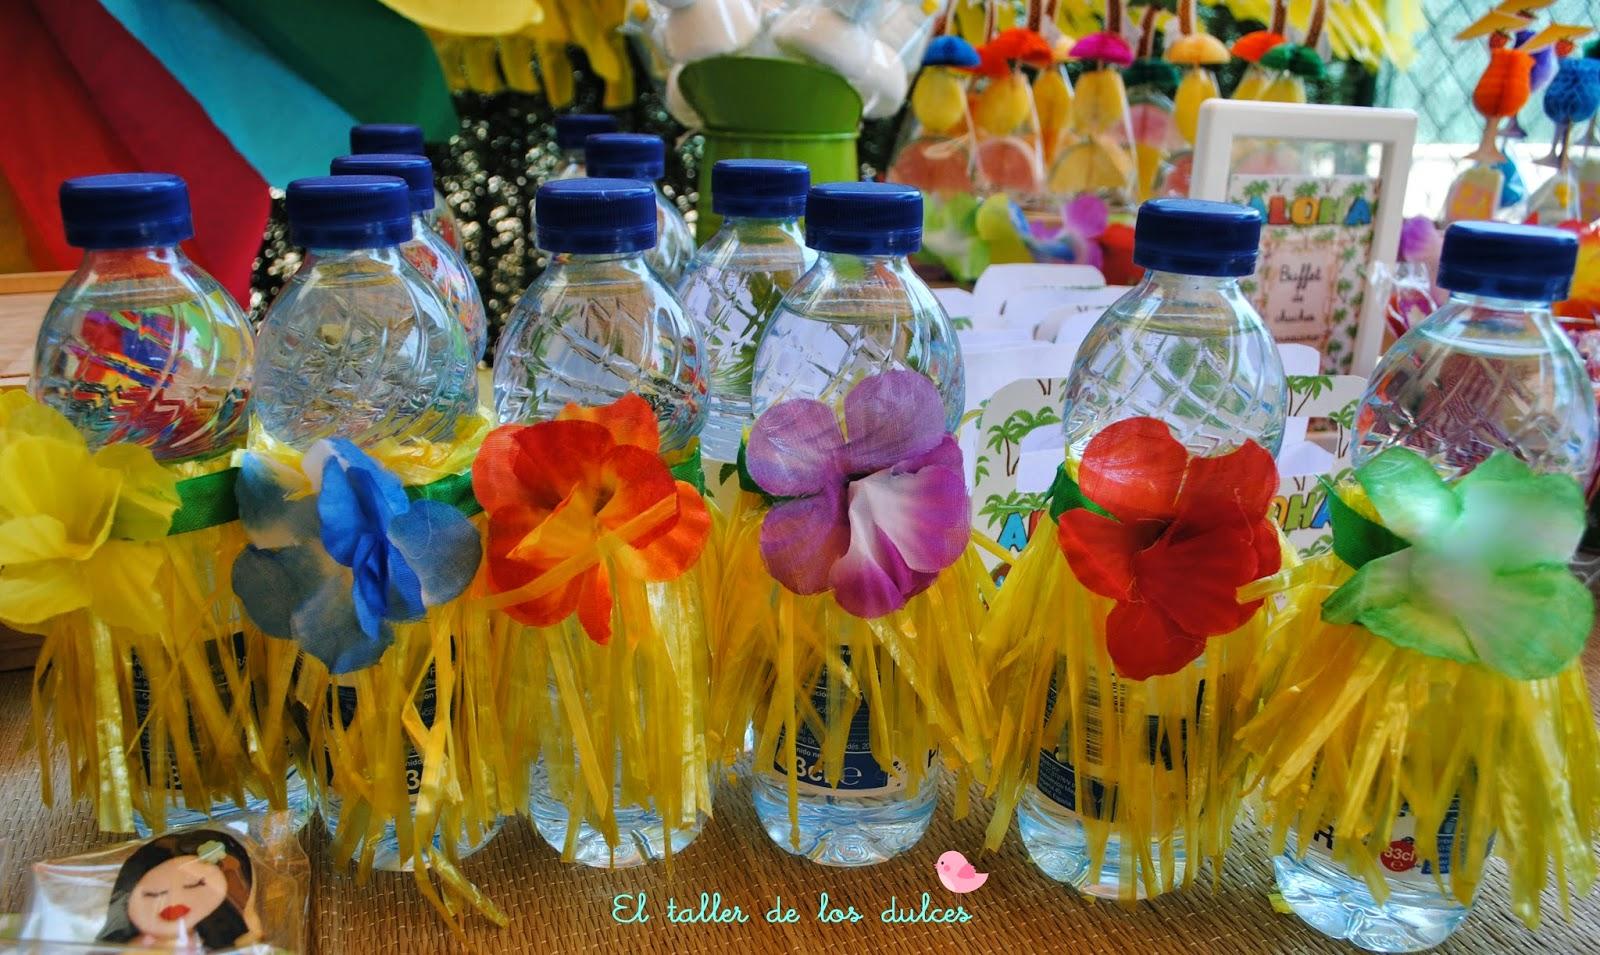 Decoraciones con globos para fiestas infantiles de beisbol for Decoraciones infantiles